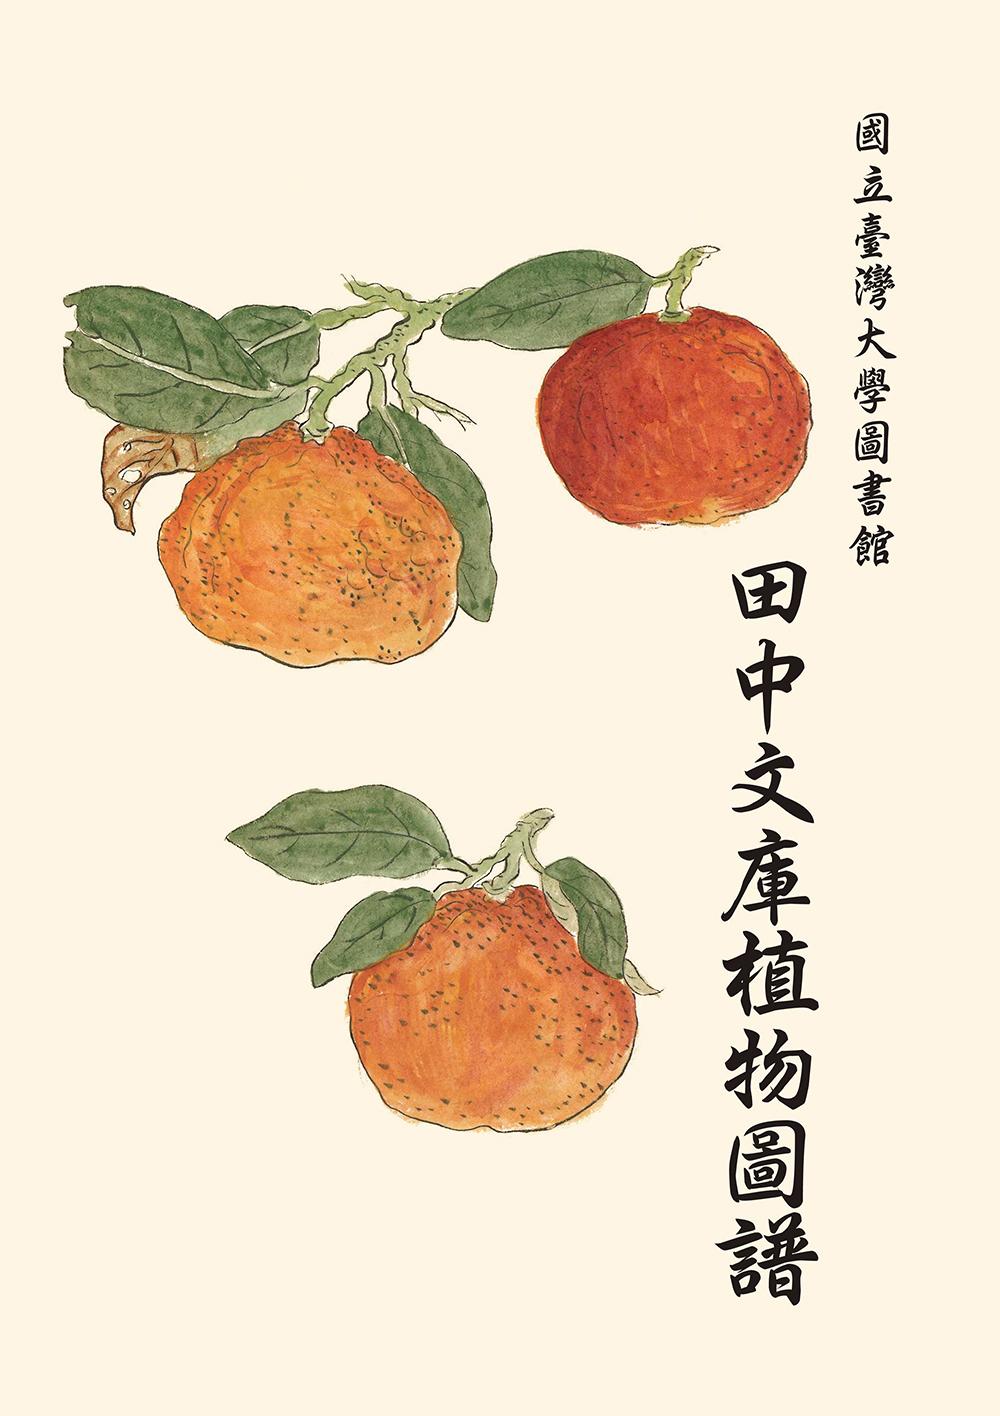 國立臺灣大學圖書館田中文庫植物圖譜